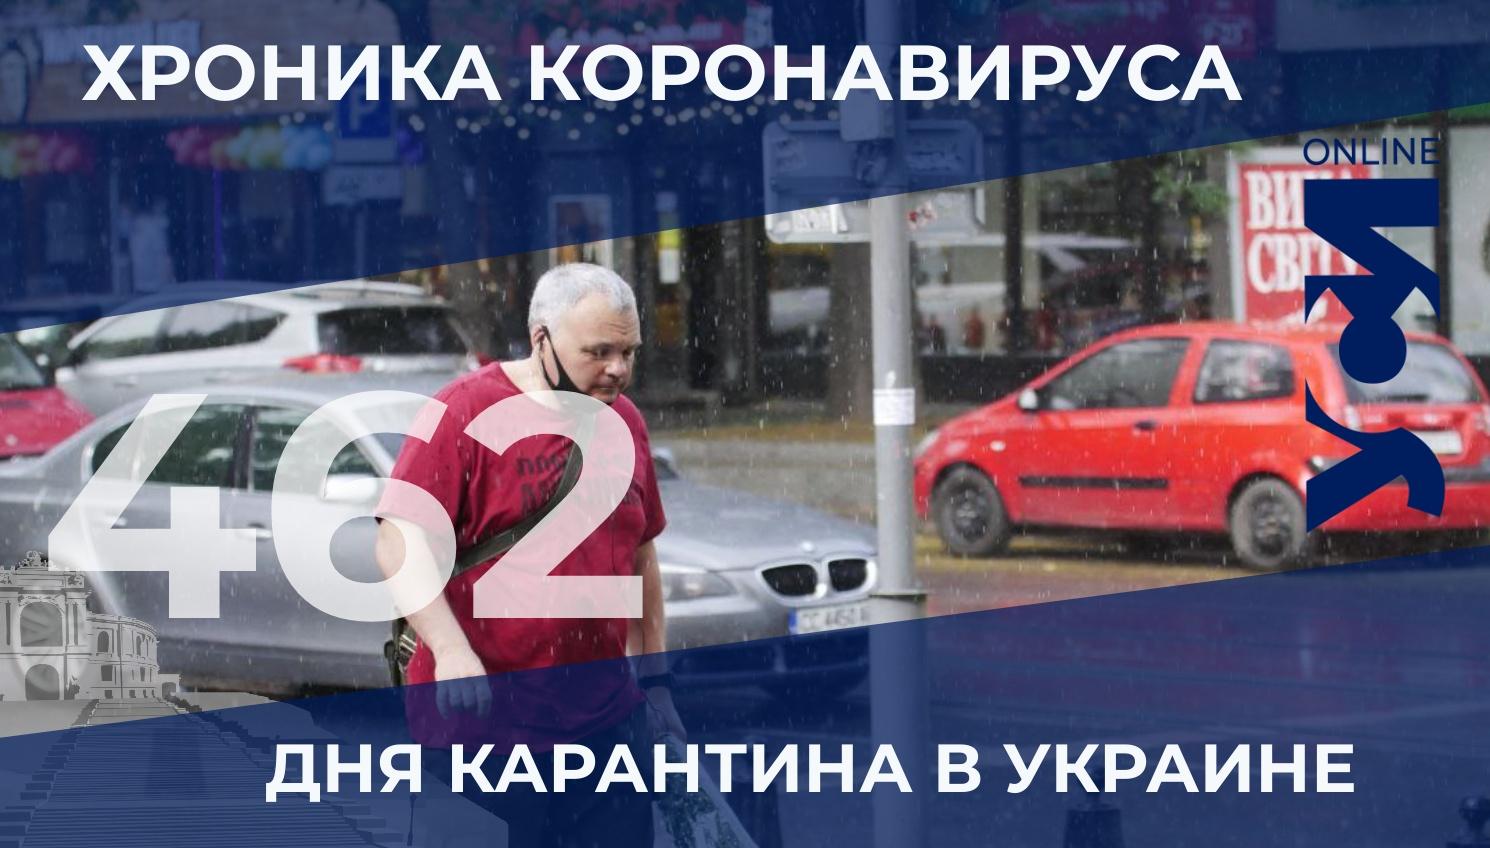 Хроника COVID-19: в Одесской области 10 летальных случаев «фото»